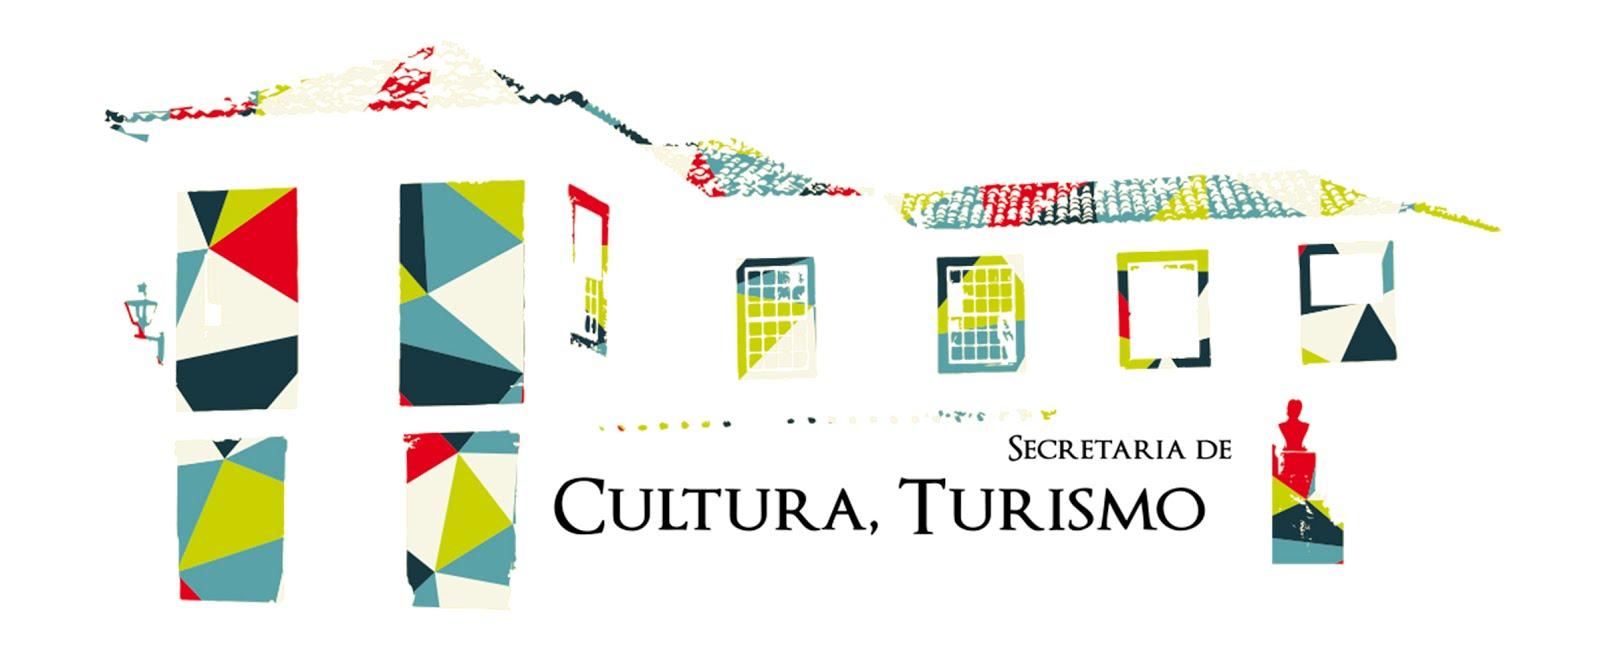 Secretaria de Cultura e Turismo de São João del-Rei